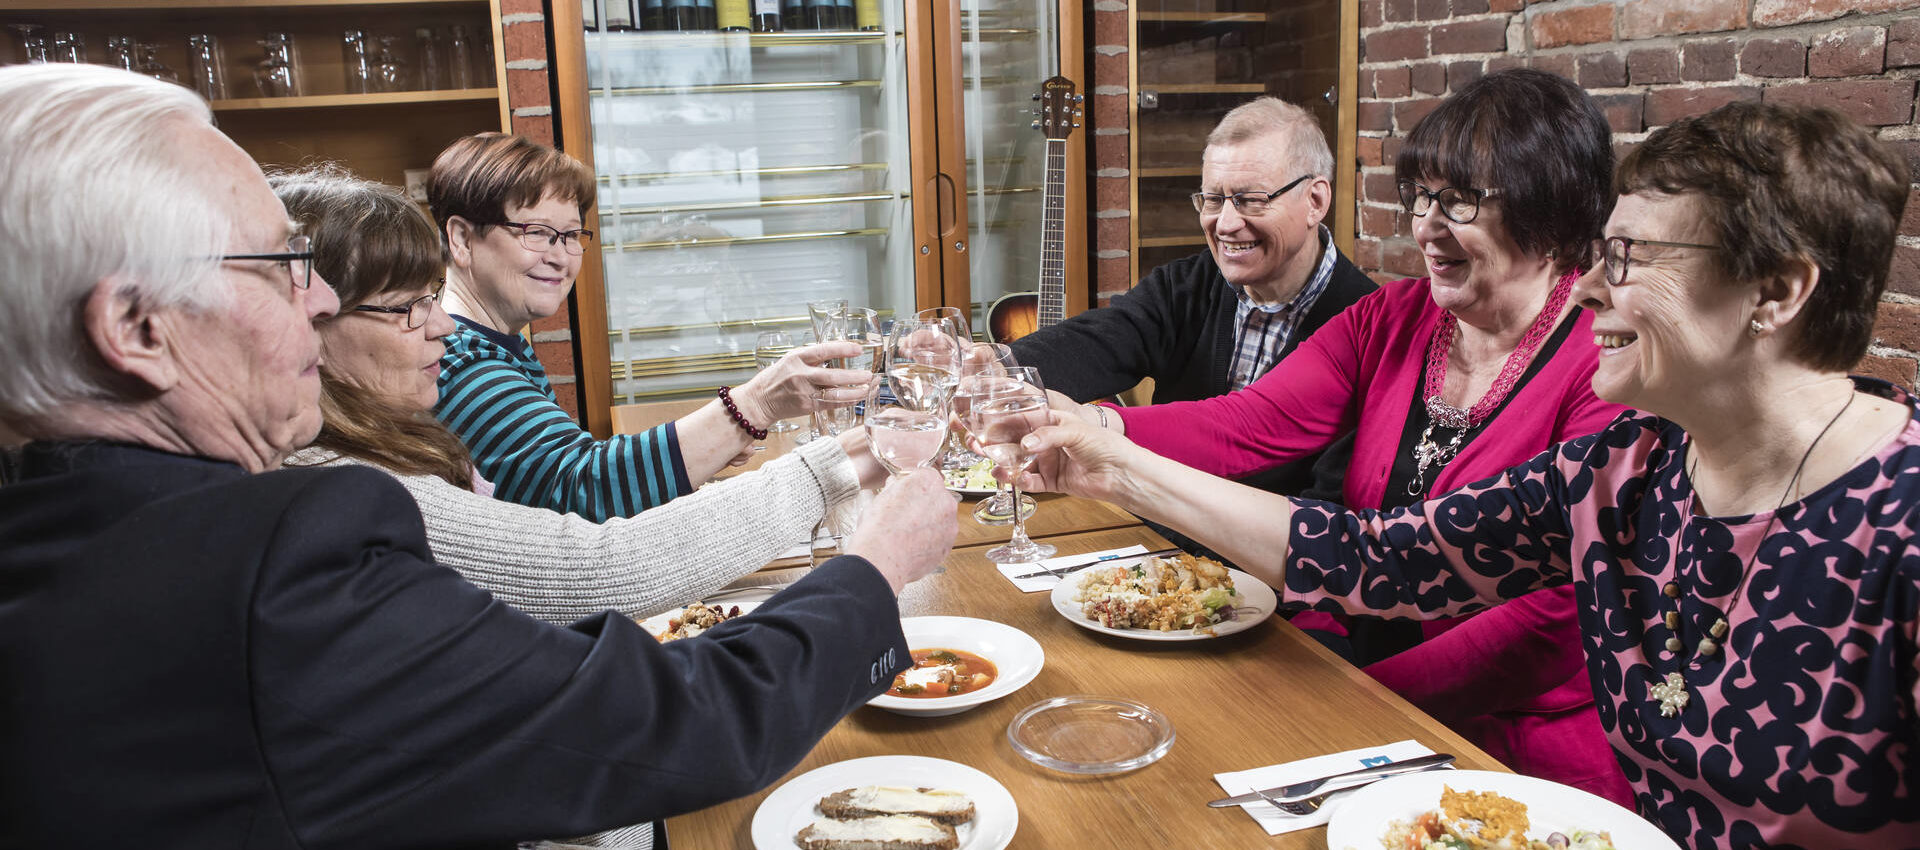 Kuvassa iloisia ikäihmisiä syömässä yhdessä saman pöydän ääressä.